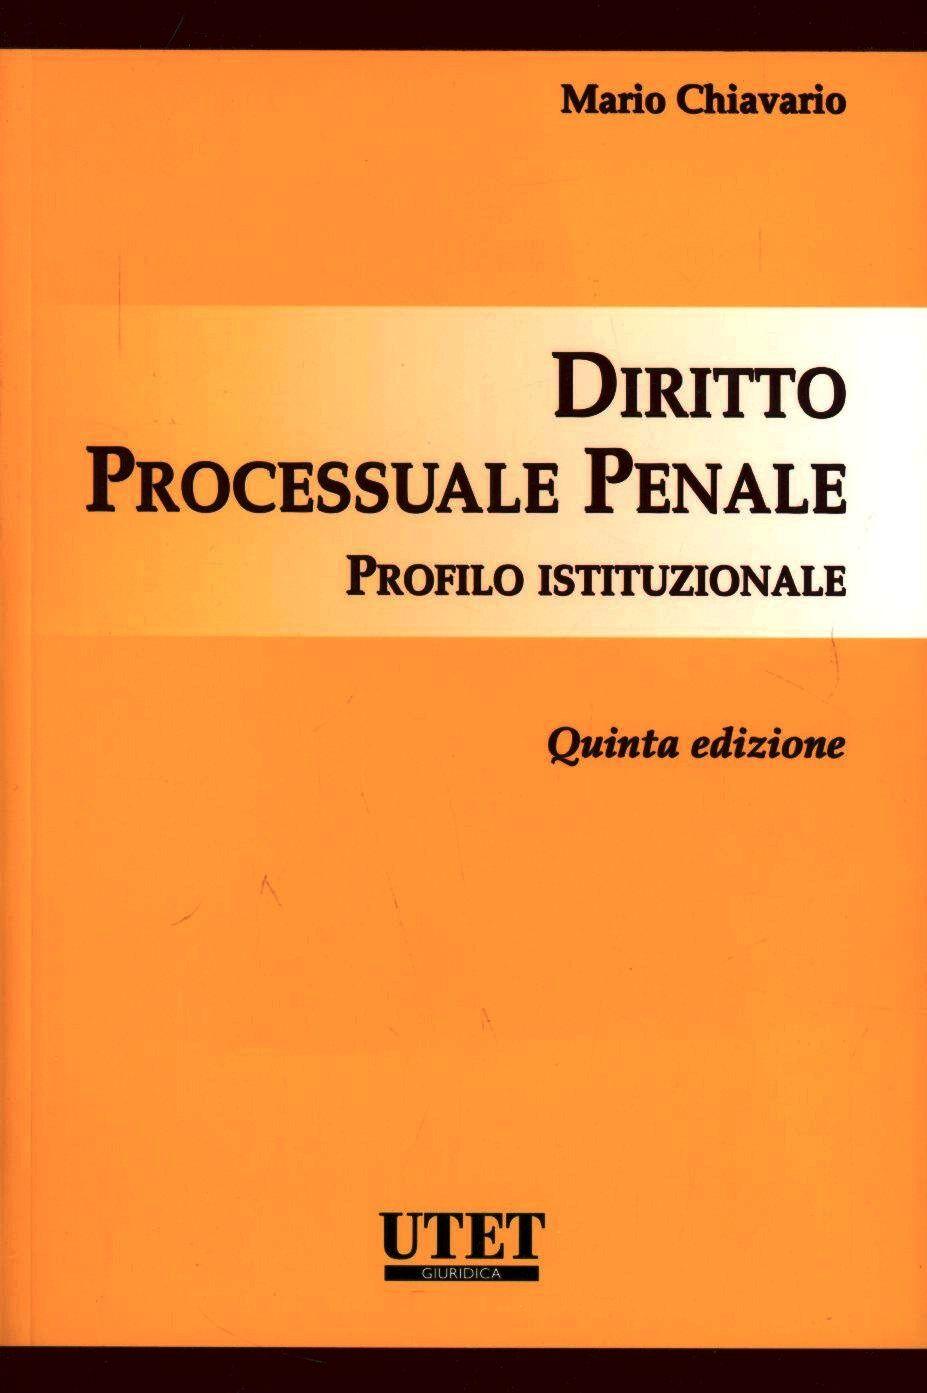 Diritto processuale penale. Profilo istituzionale